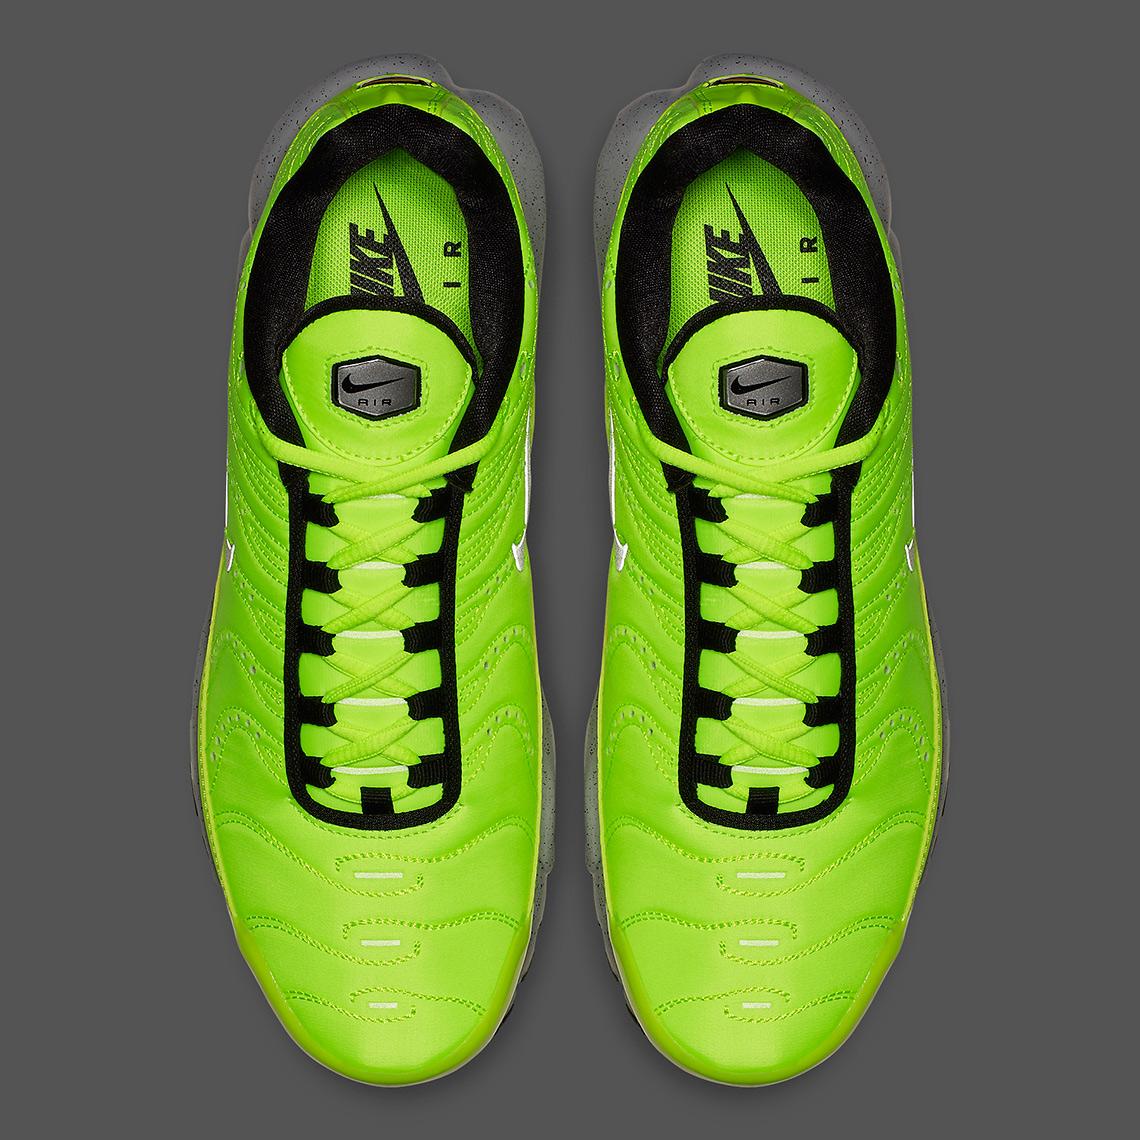 053993d45e Style Code: 815994-700. Where to Buy: Nike Air Max Plus Premium. SNS9am  CEST/3am ET; Nike SNKRS10am ET. Advertisement. Advertisement